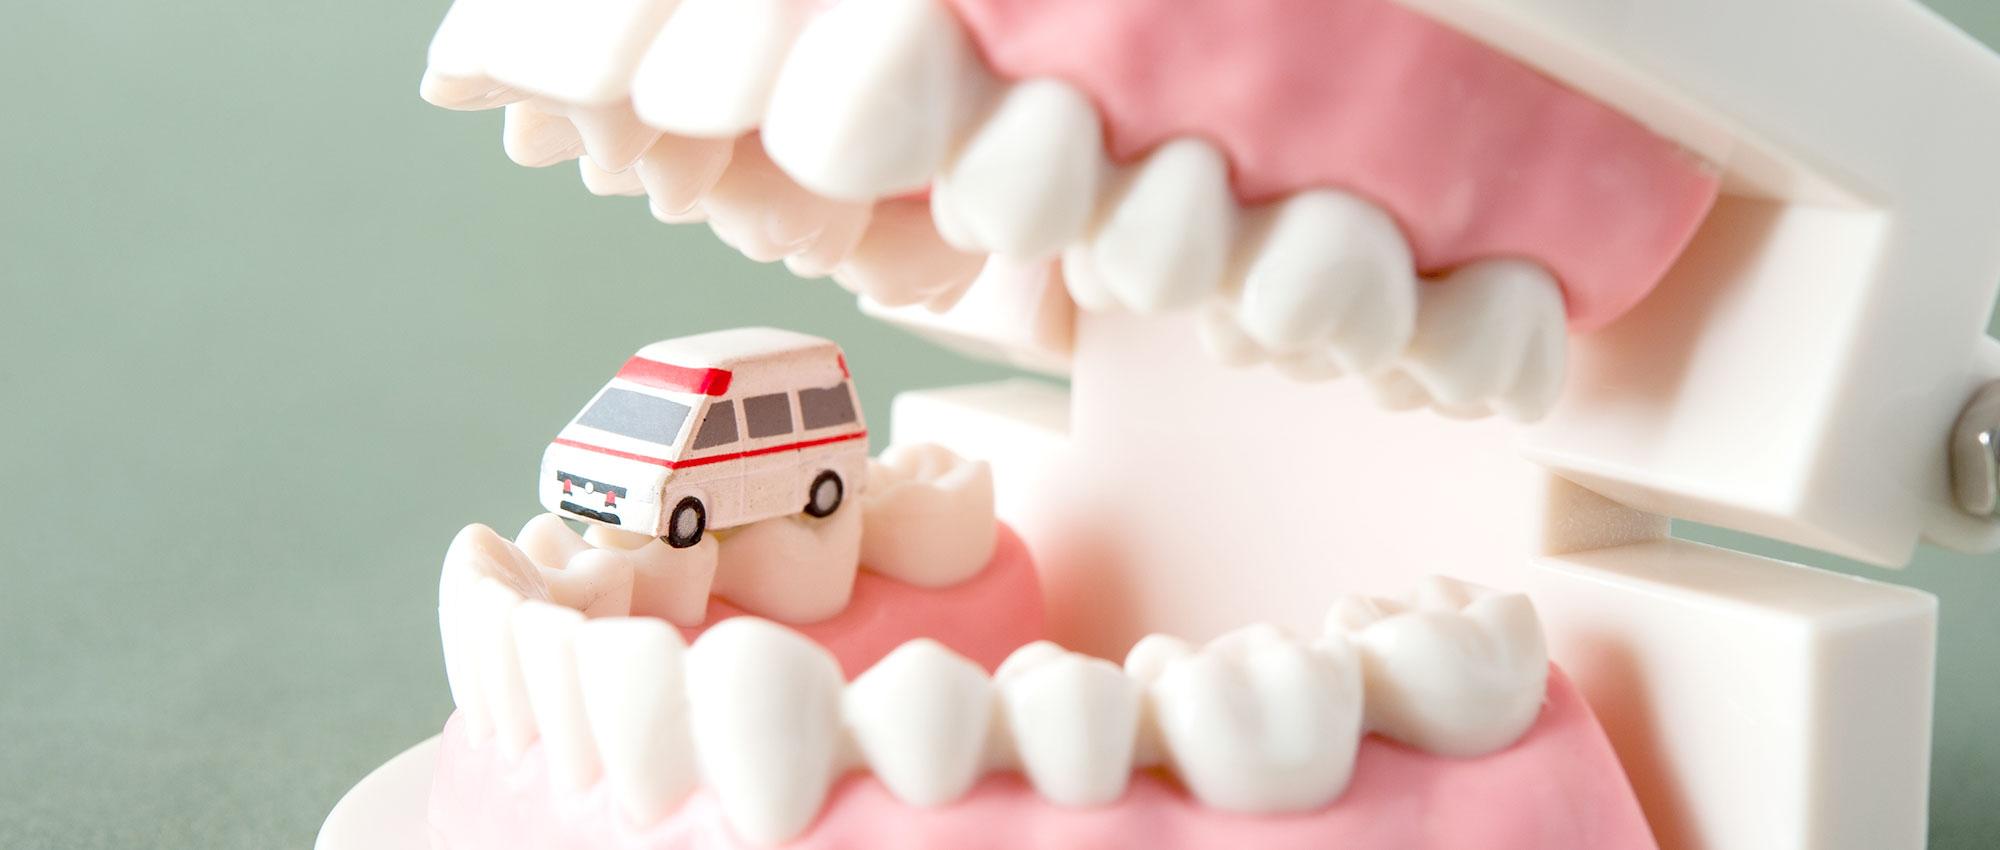 歯周病治療|郡山で歯周病なら郡山ファースト歯科矯正歯科